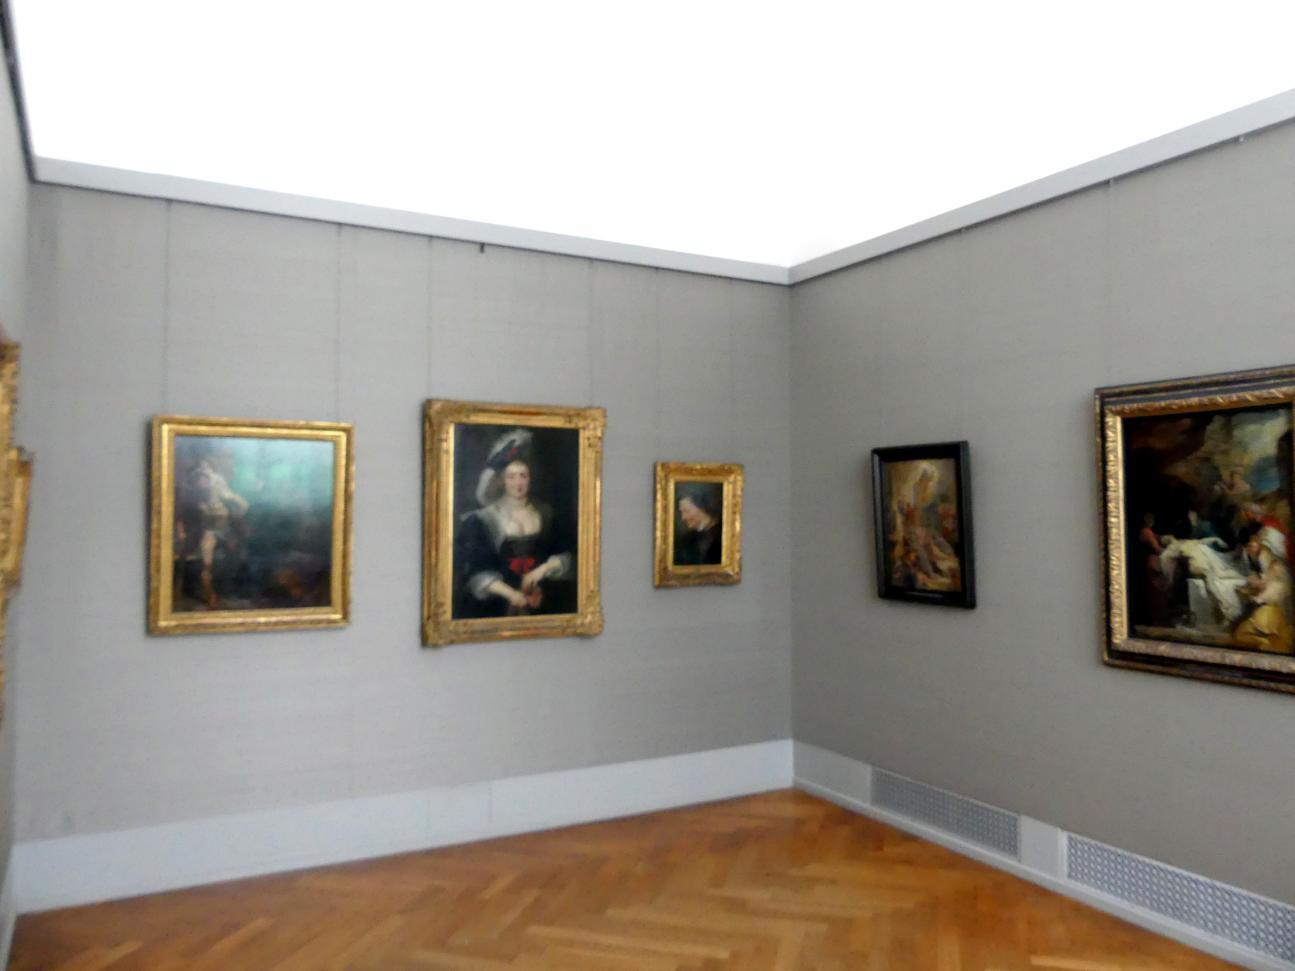 München, Alte Pinakothek, Obergeschoss Kabinett 8,9